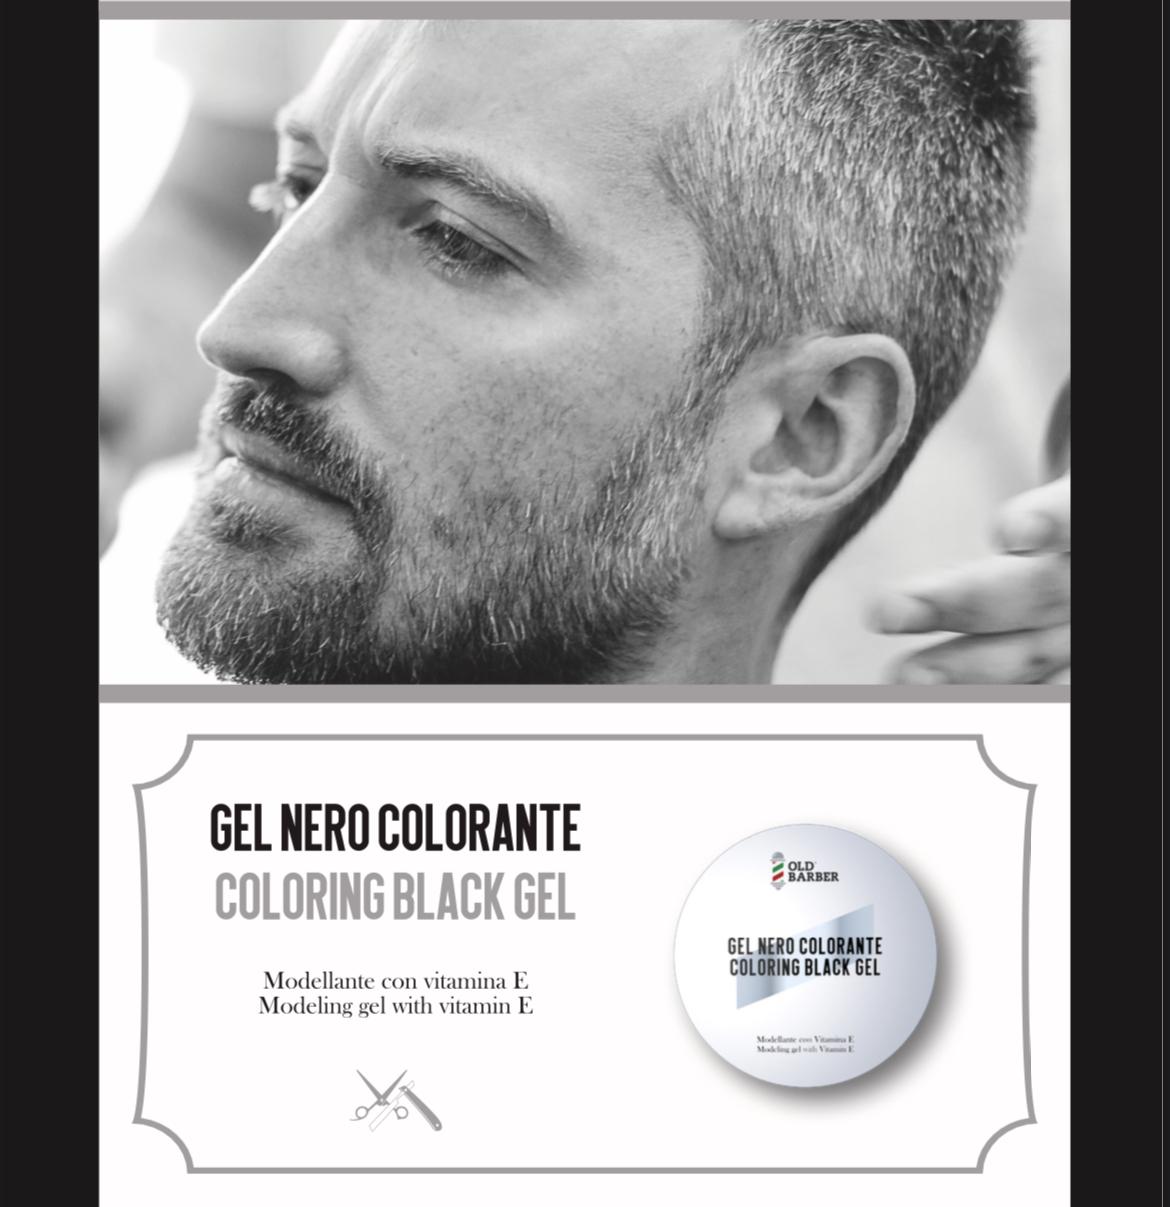 Высококачественный окрашивающий волосы черный гель для мужчин, Сделано в Италии